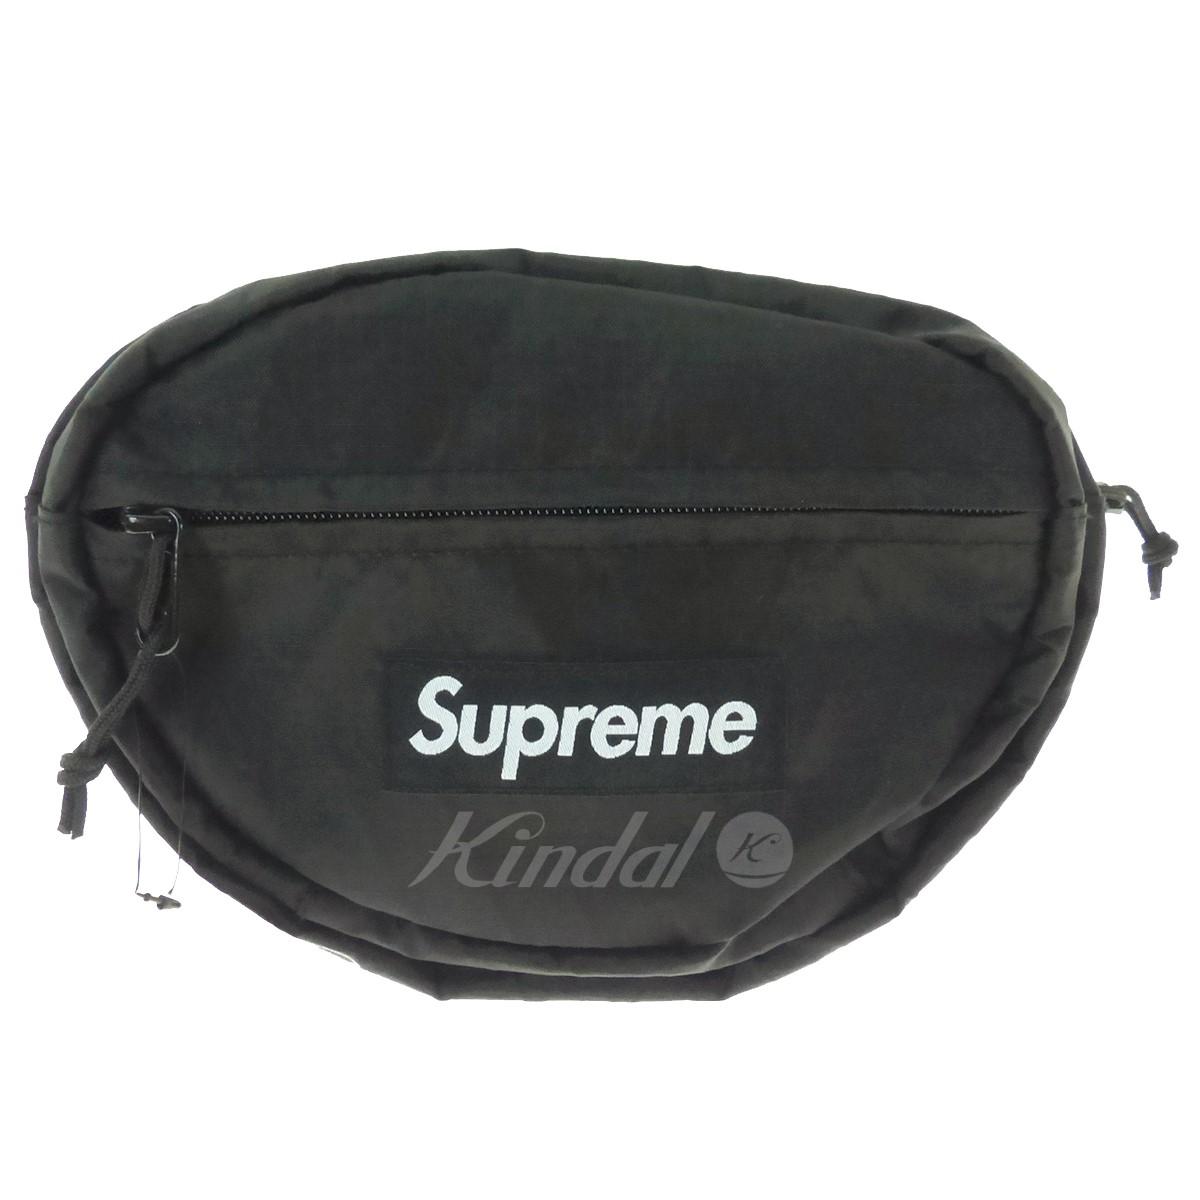 【中古】SUPREME ウエストバッグ Waist Bag 2018A/W ブラック サイズ:- 【送料無料】 【191018】(シュプリーム)